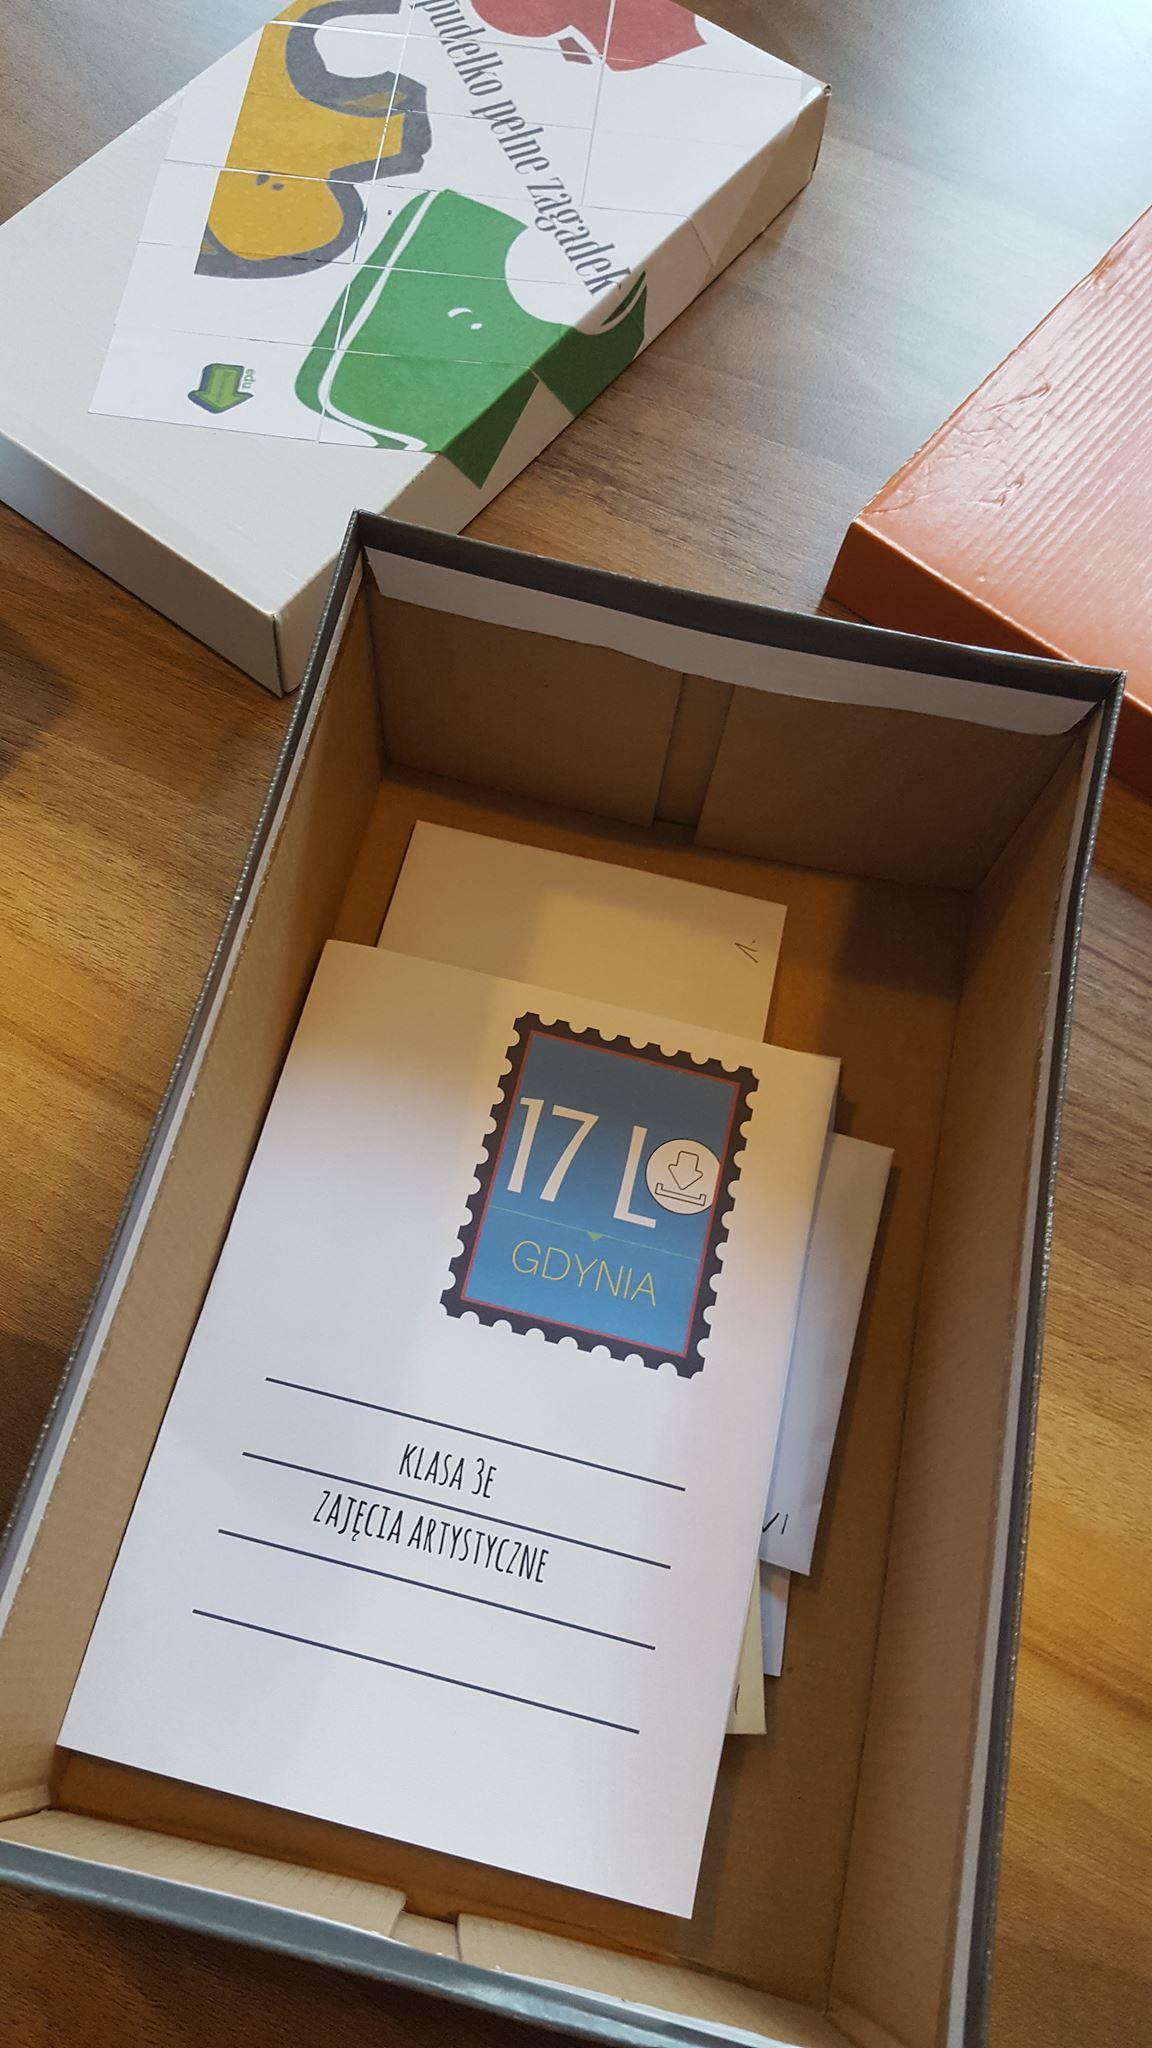 Pudełko pełne zagadek – pomysł na ciekawą lekcję